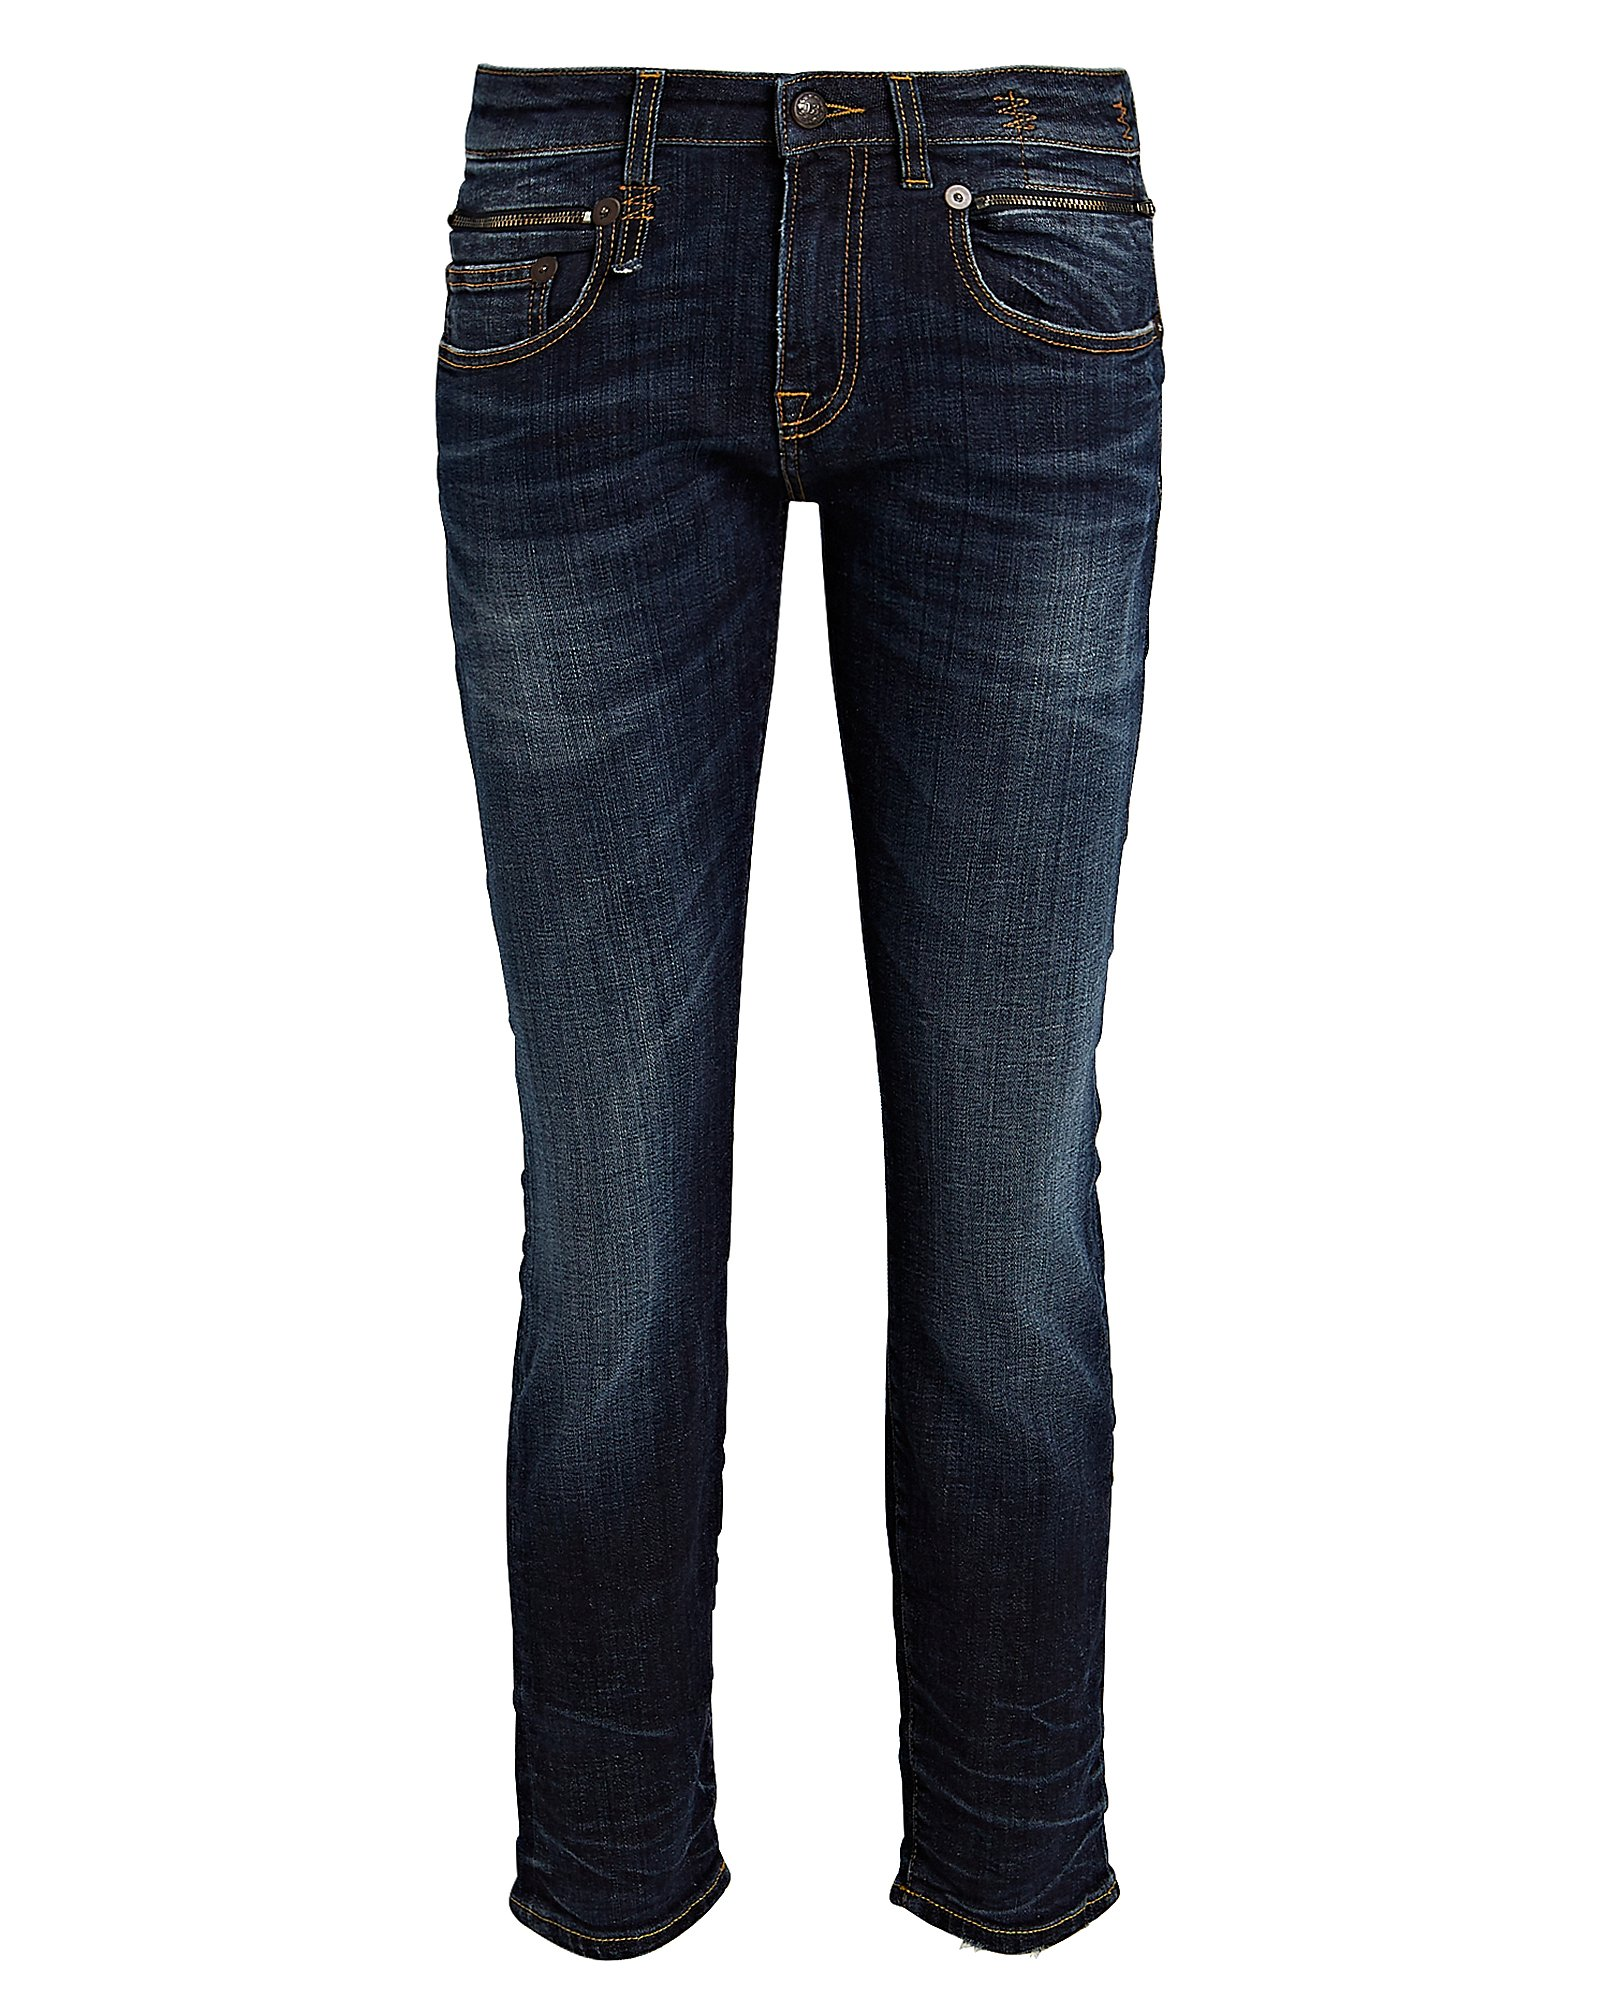 R13 Jeans R13 BIKER BOY SKINNY JEANS